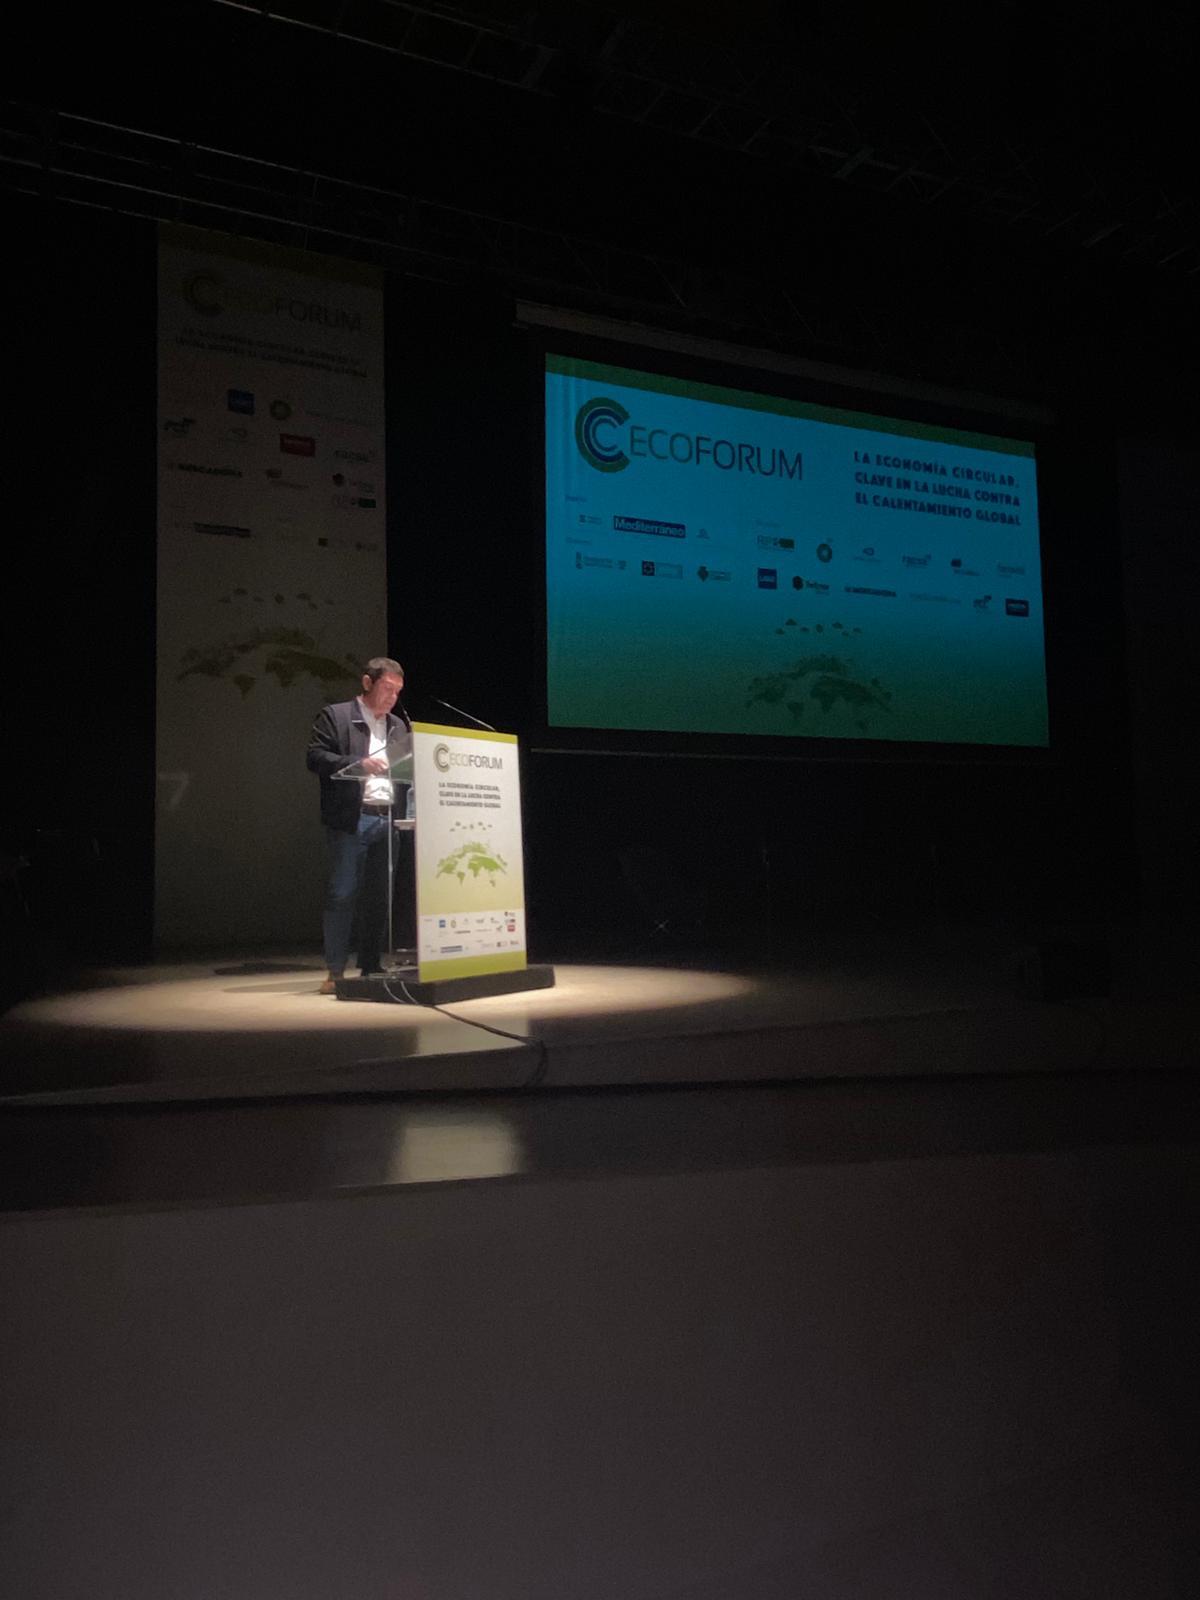 El Diputado de Sostenibilidad Ignasi García pide colaboración para lograr la transición ecológica en las comarcas de Castelló